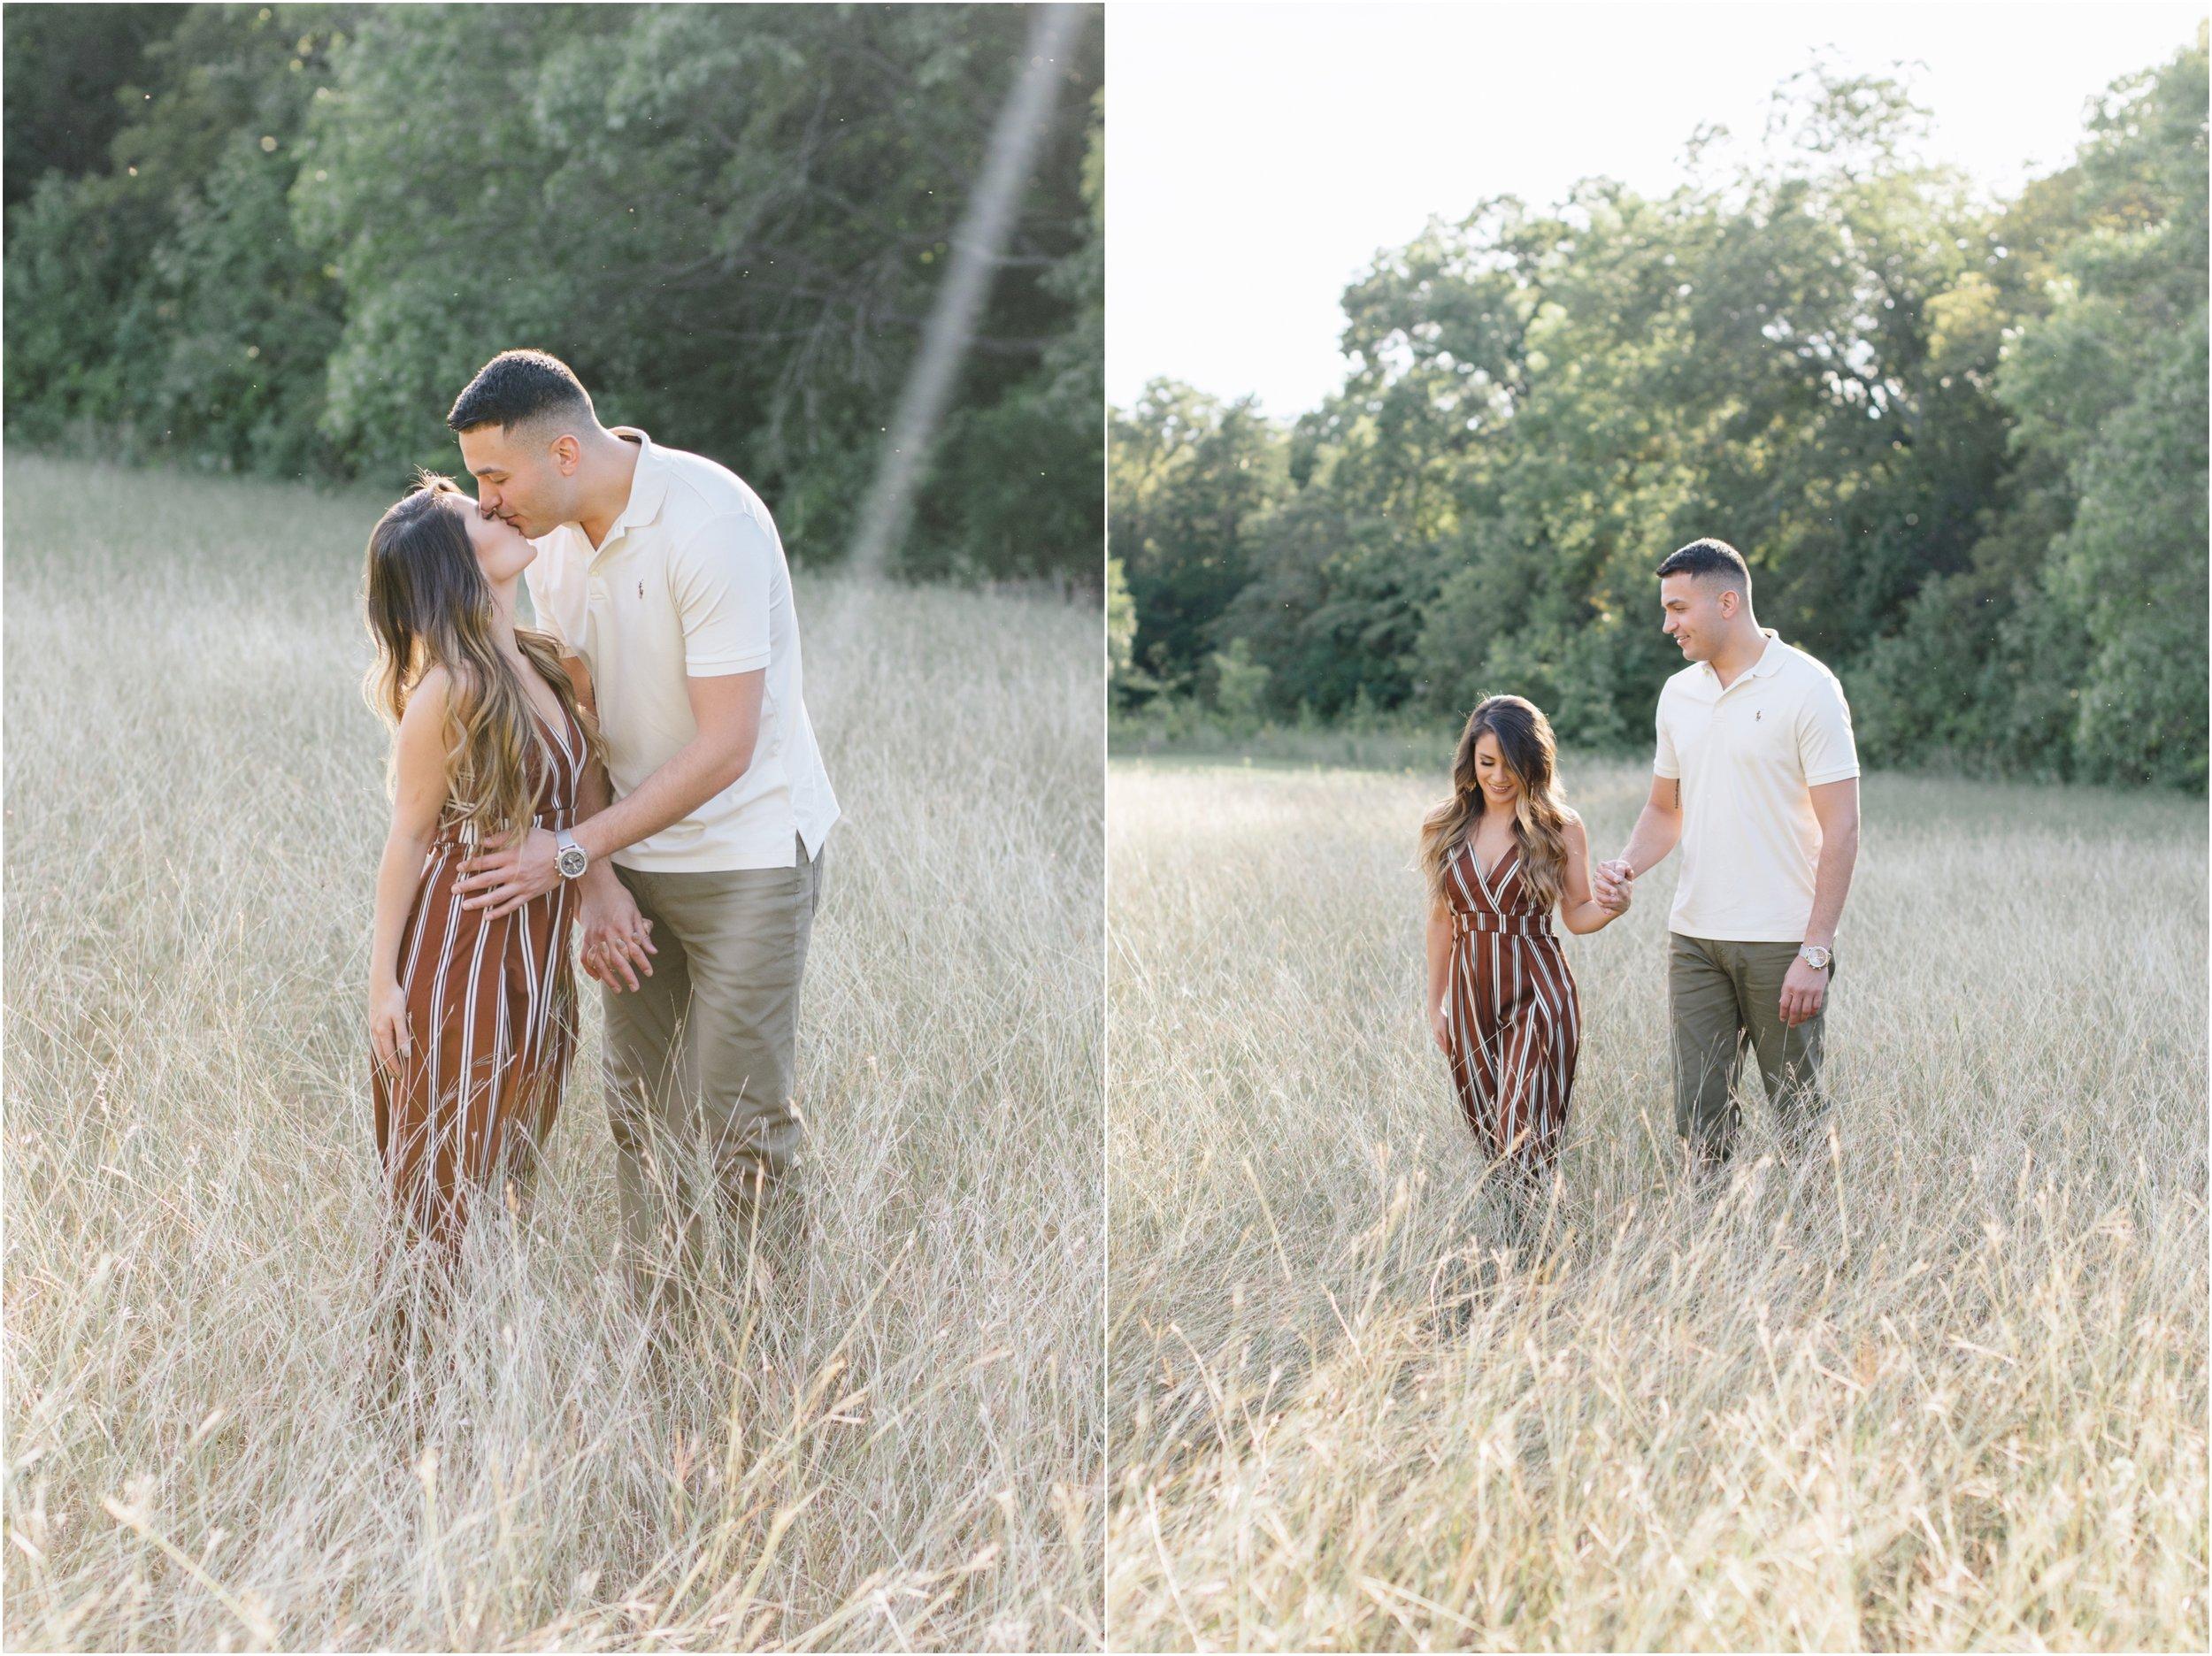 dallasweddingphotographer_Ashley+Adrian_WhiteRockLakeEngagement_0010.jpg